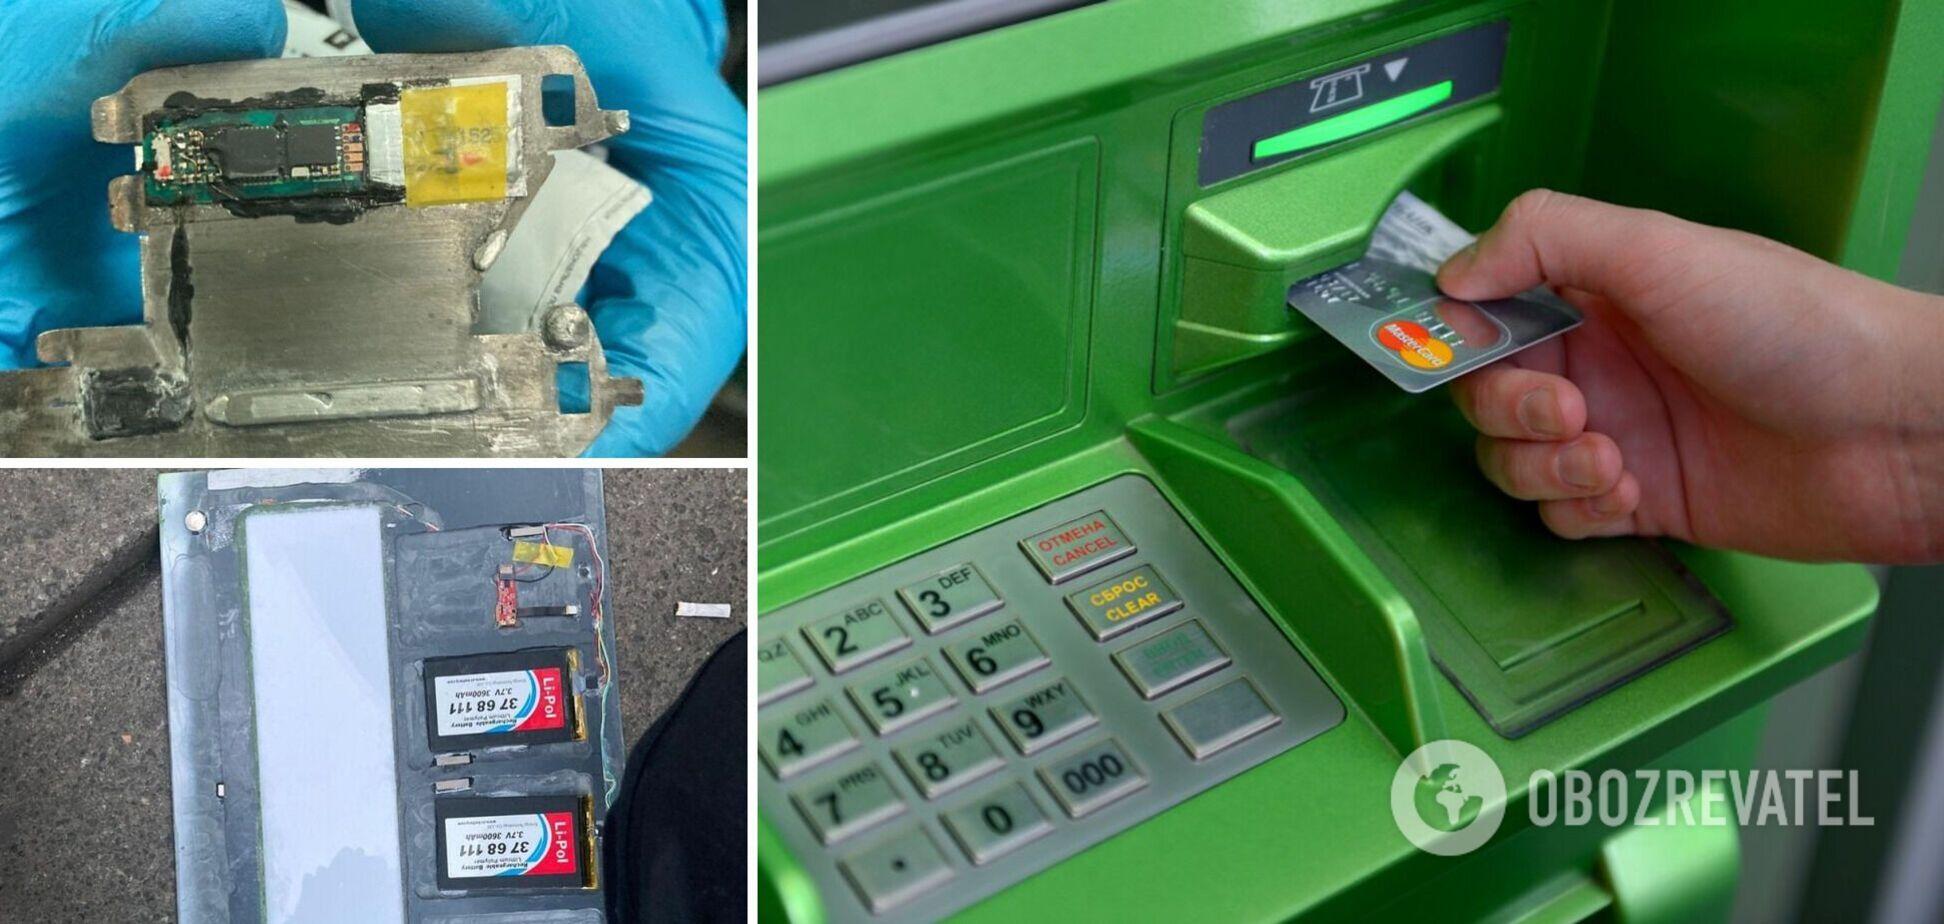 В Україні шахраї псують банкомати: після використання можна позбутися всіх грошей